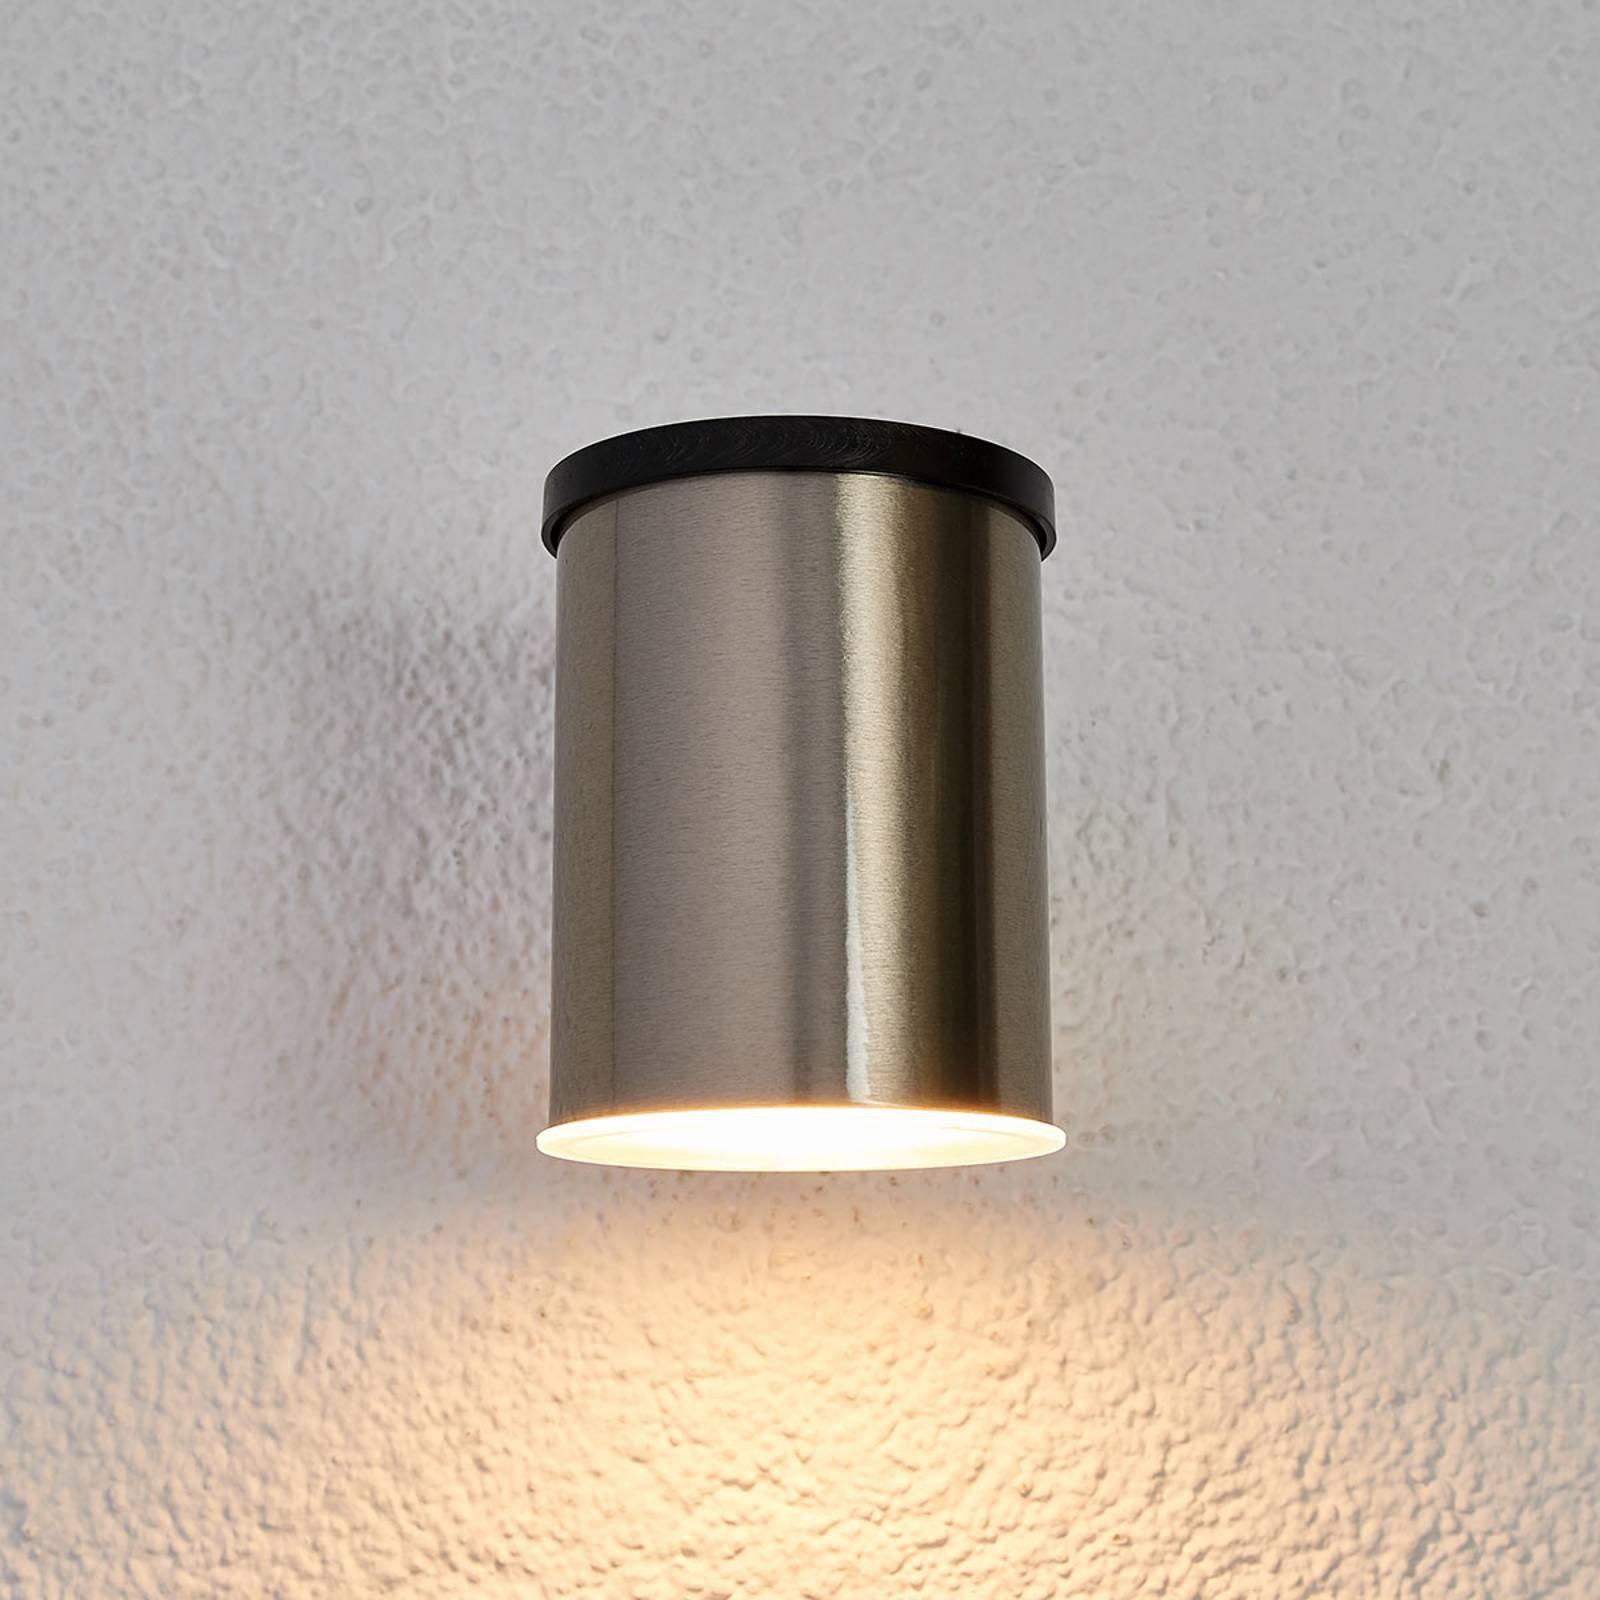 LED-solcelle-vegglampe Tyson, rund, klar